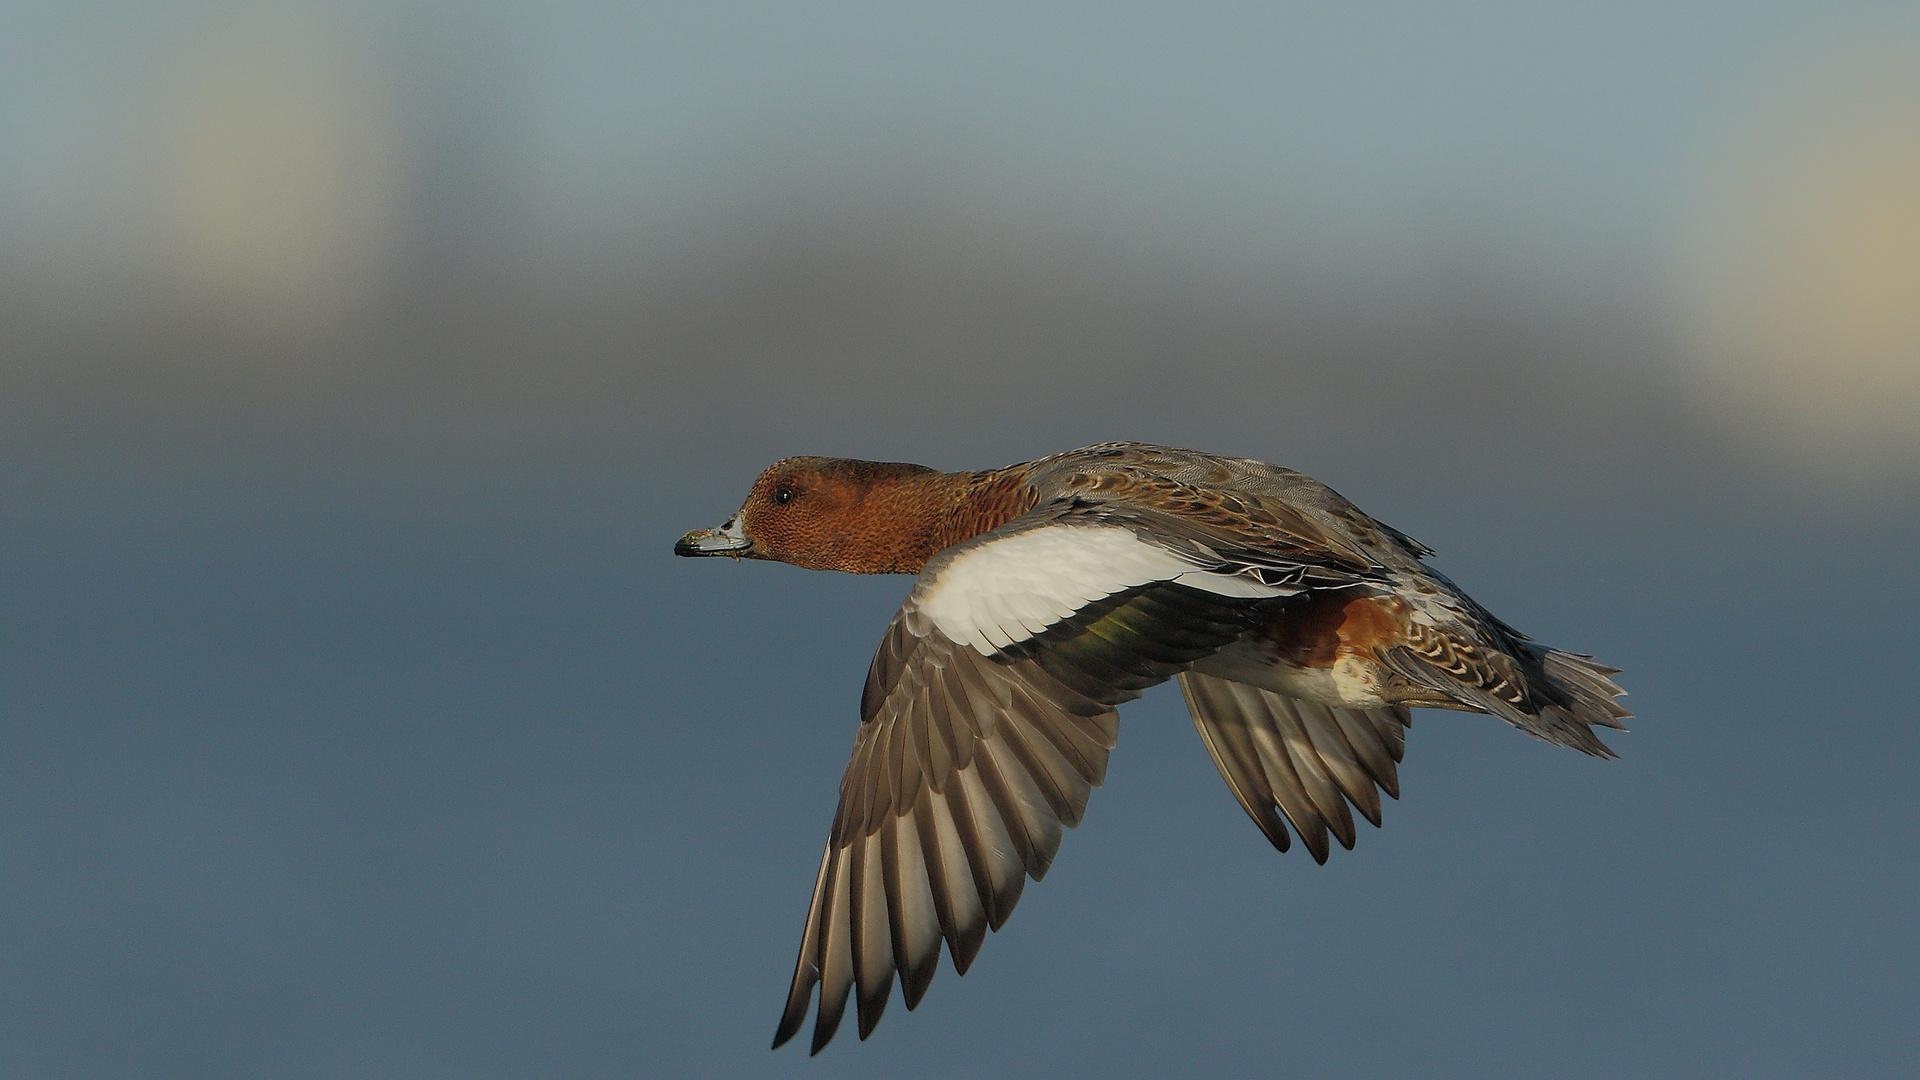 pfeifente im flug foto  bild  tiere wildlife wild